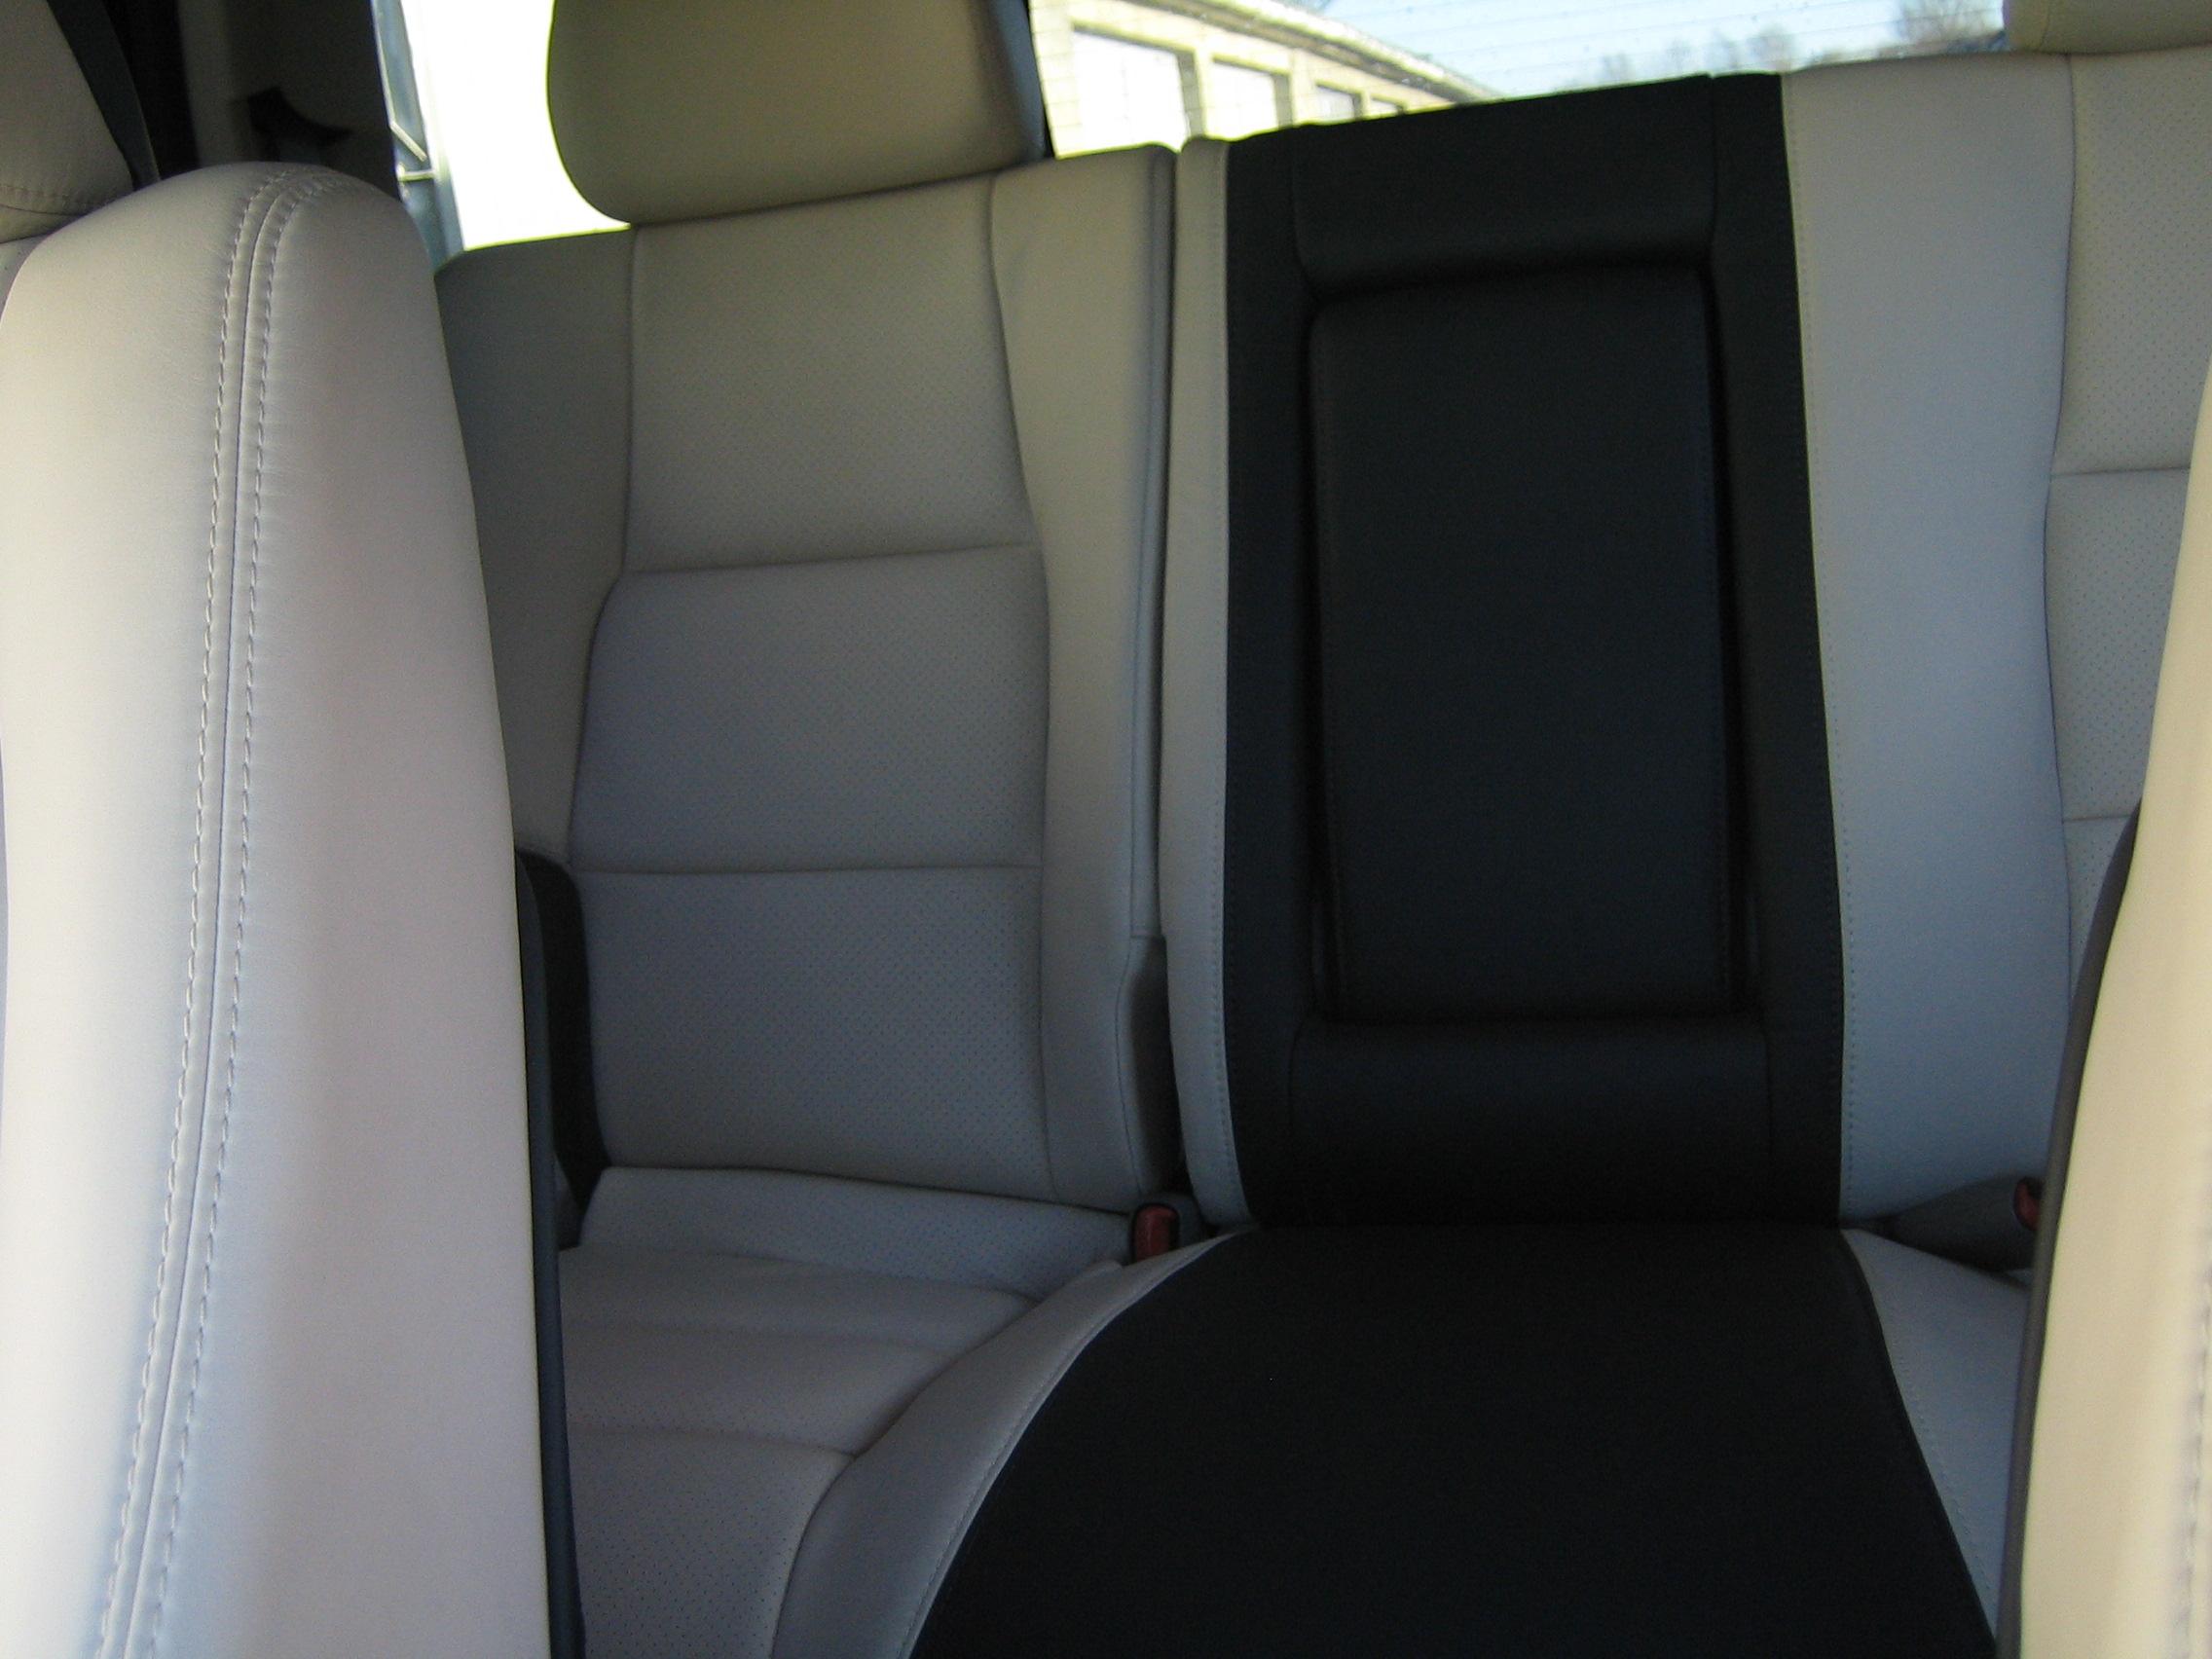 Ledersitze - Innenausstattung für Fahrzeuge 023